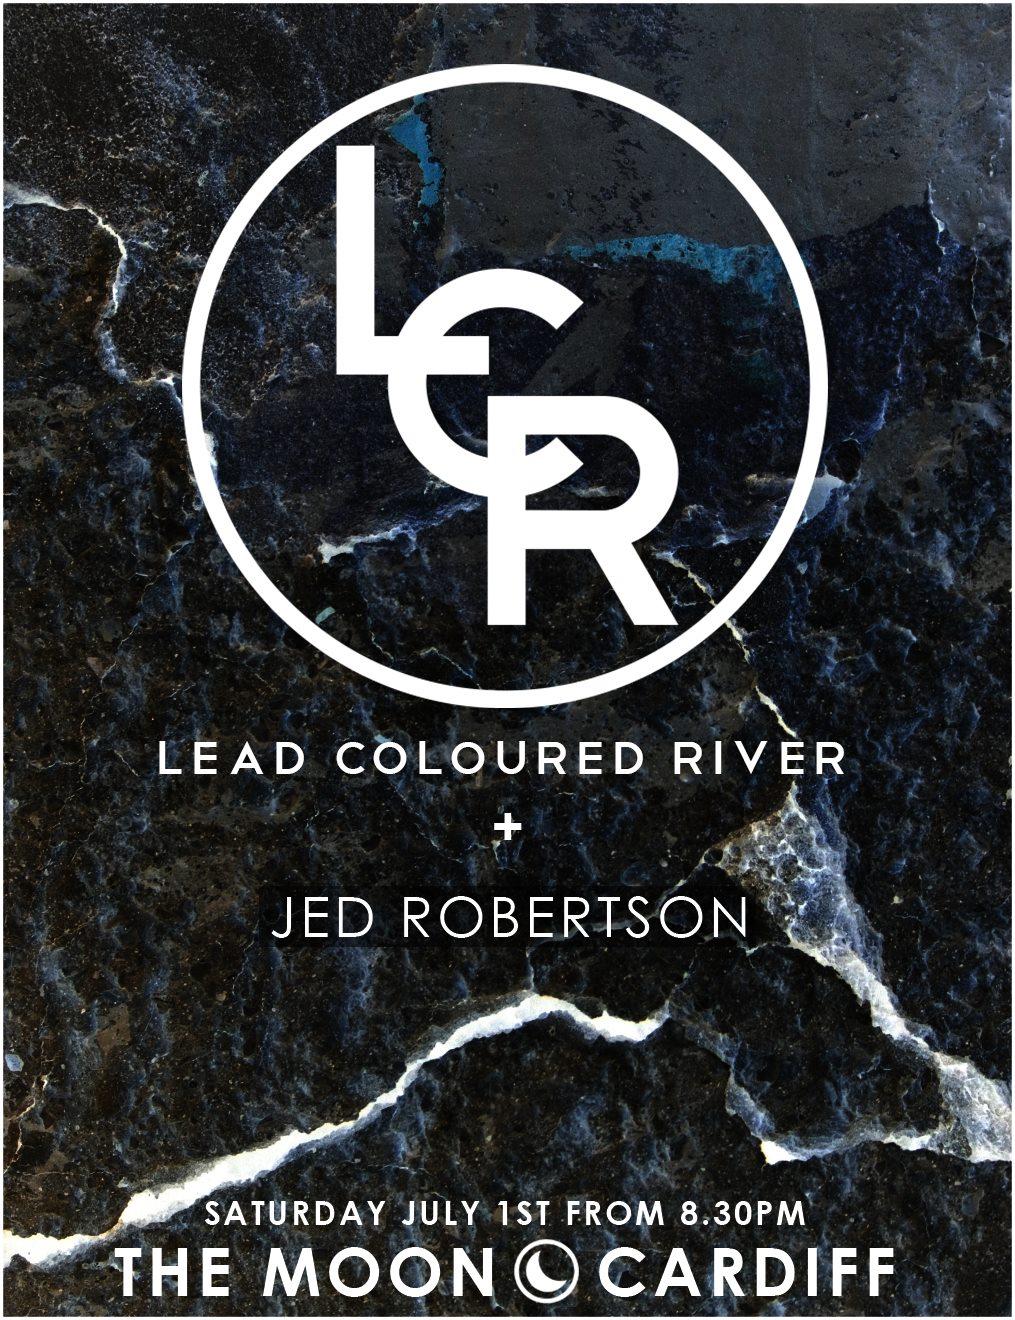 Lead Coloured River